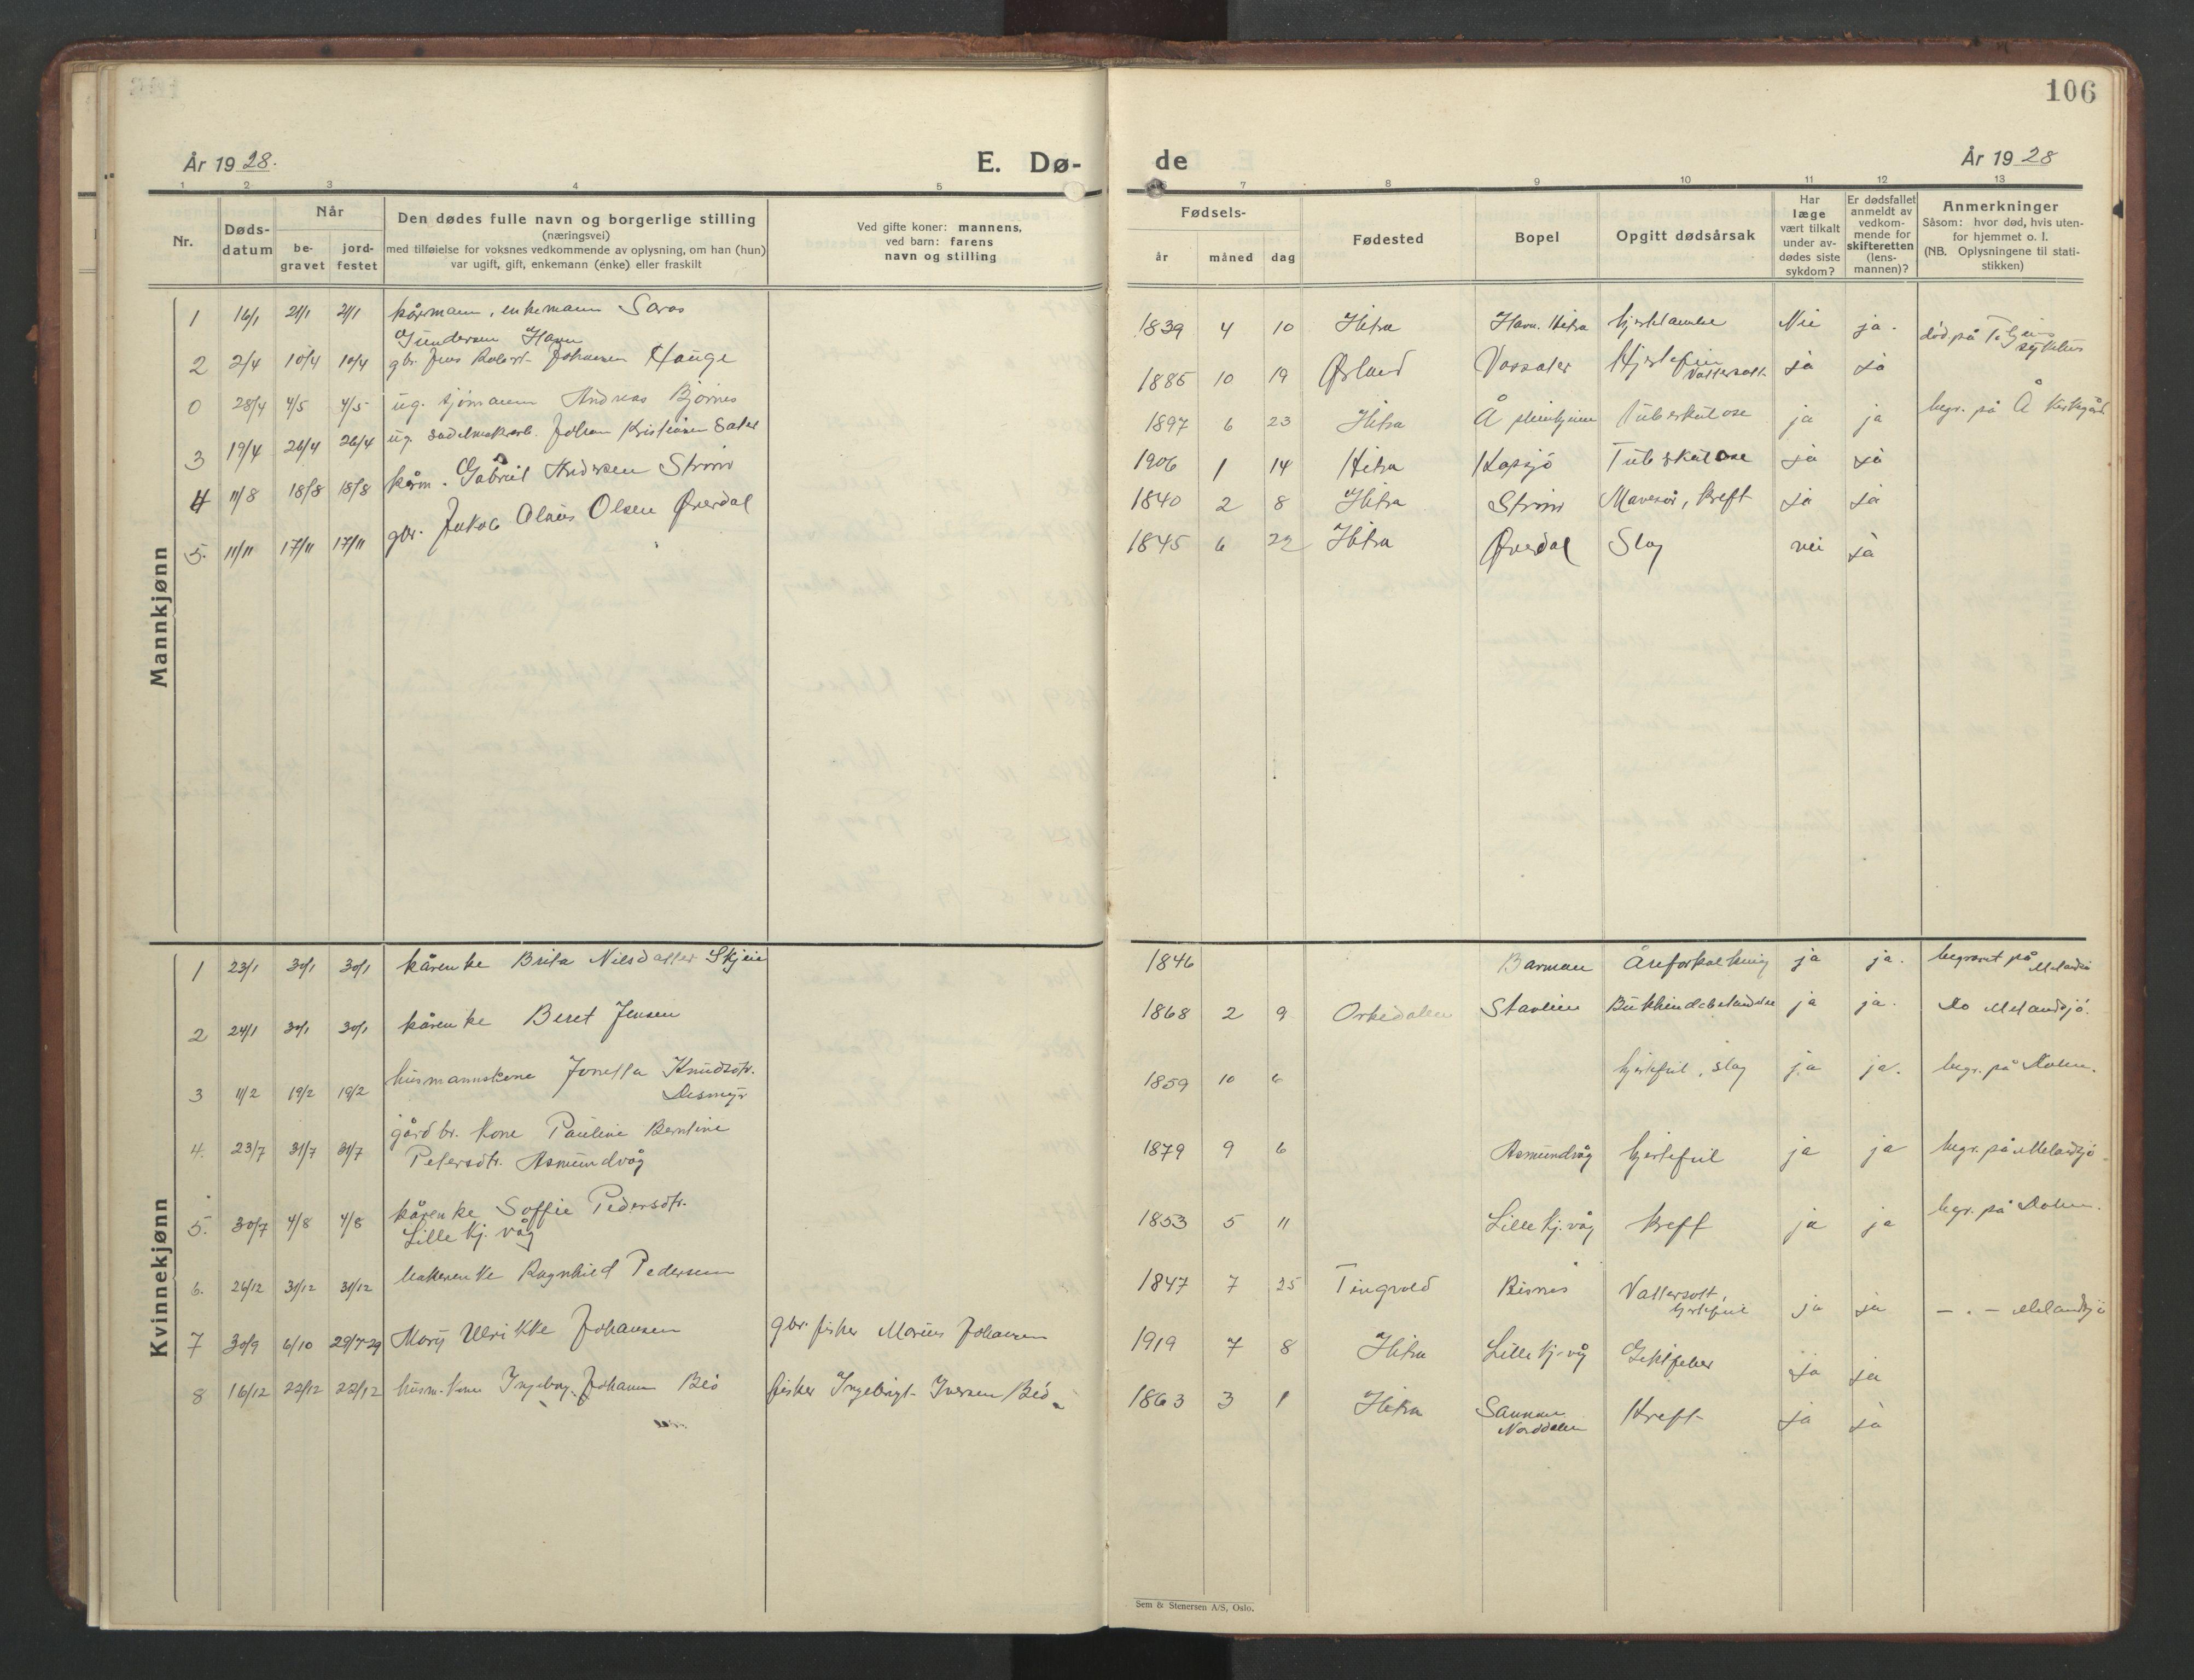 SAT, Ministerialprotokoller, klokkerbøker og fødselsregistre - Sør-Trøndelag, 634/L0544: Klokkerbok nr. 634C06, 1927-1948, s. 106